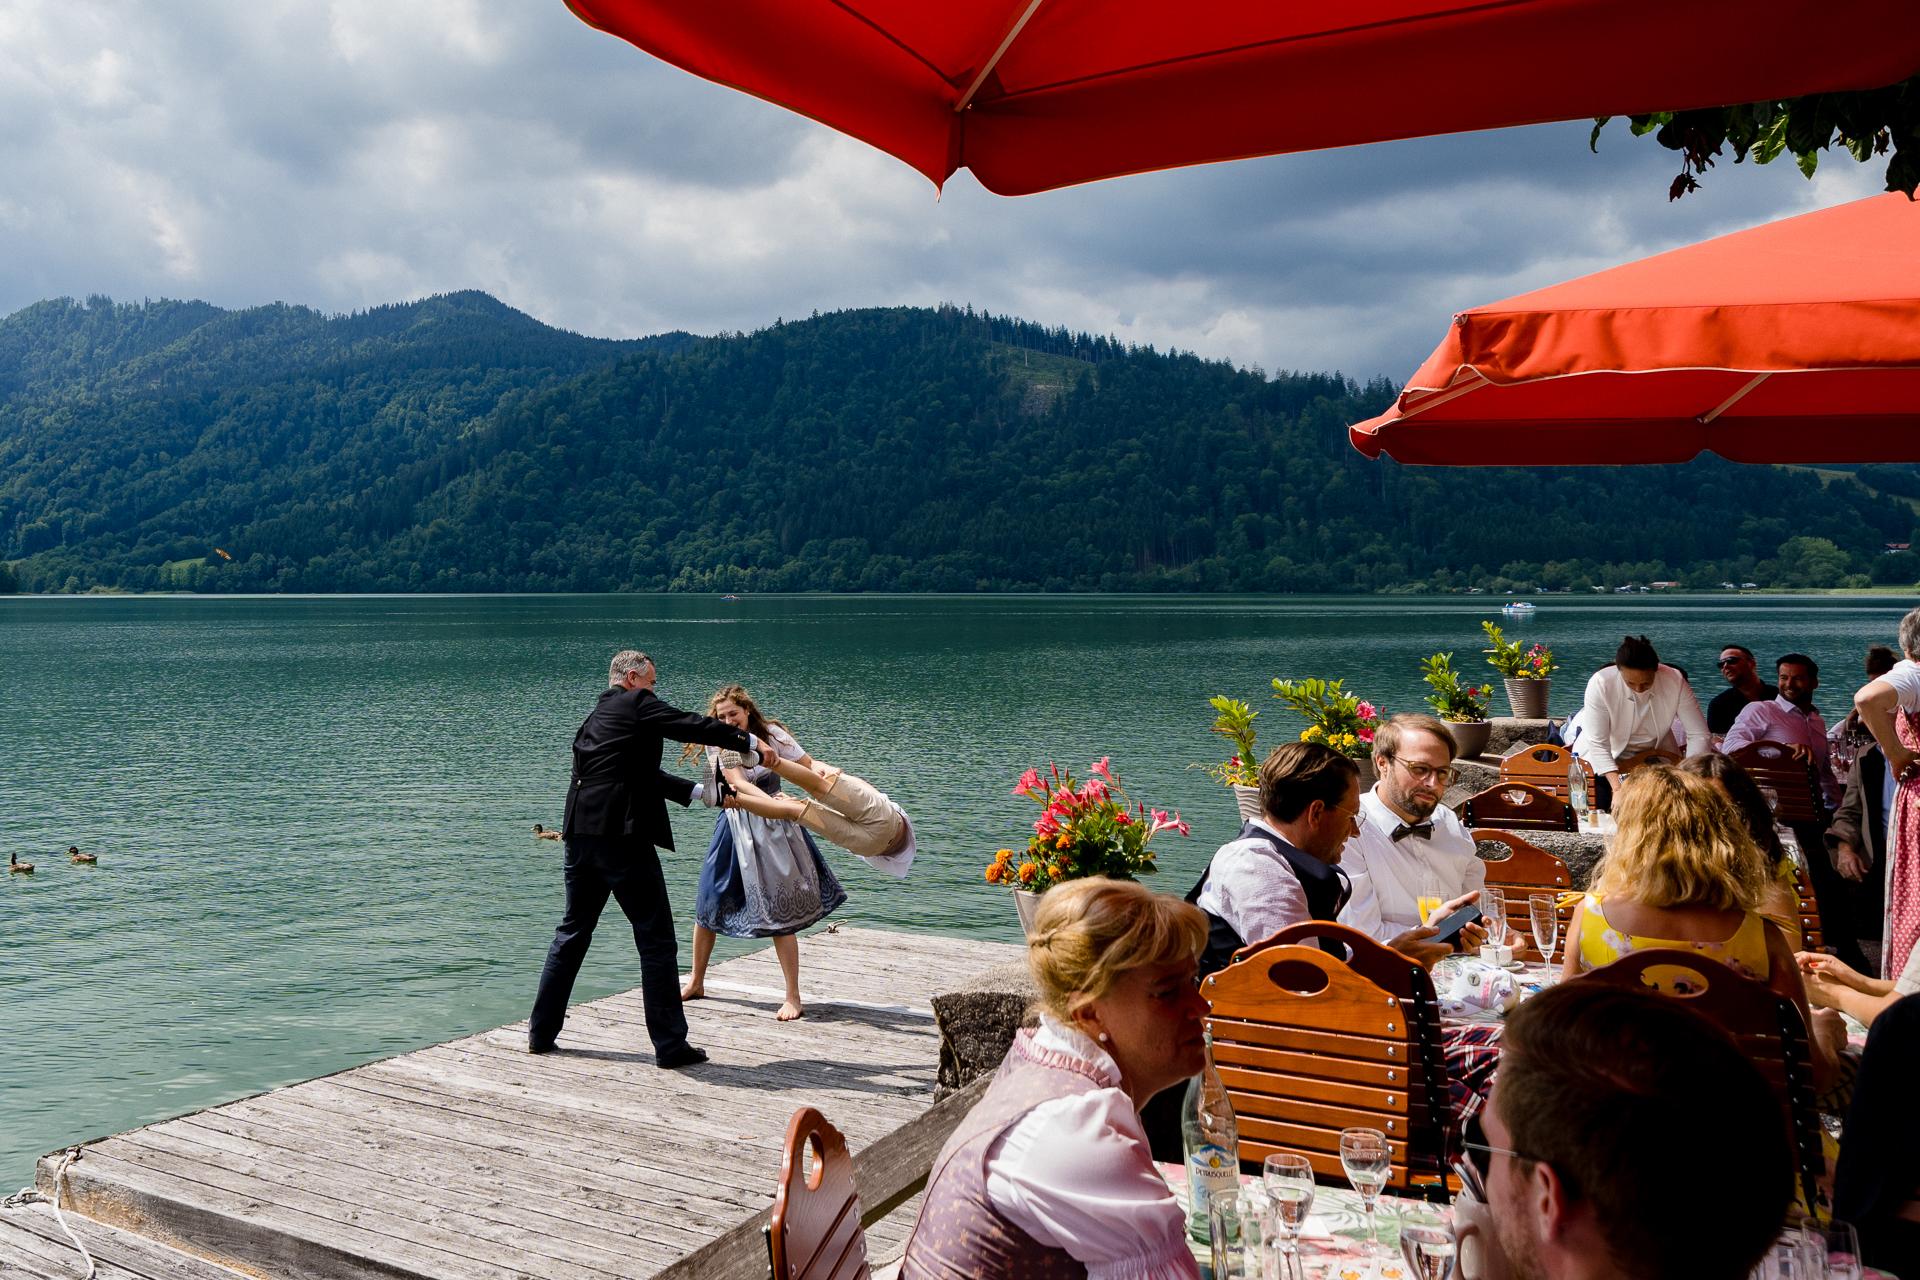 Tobias Löhr, of Hessen, is a wedding photographer for Standesamt Schliersee